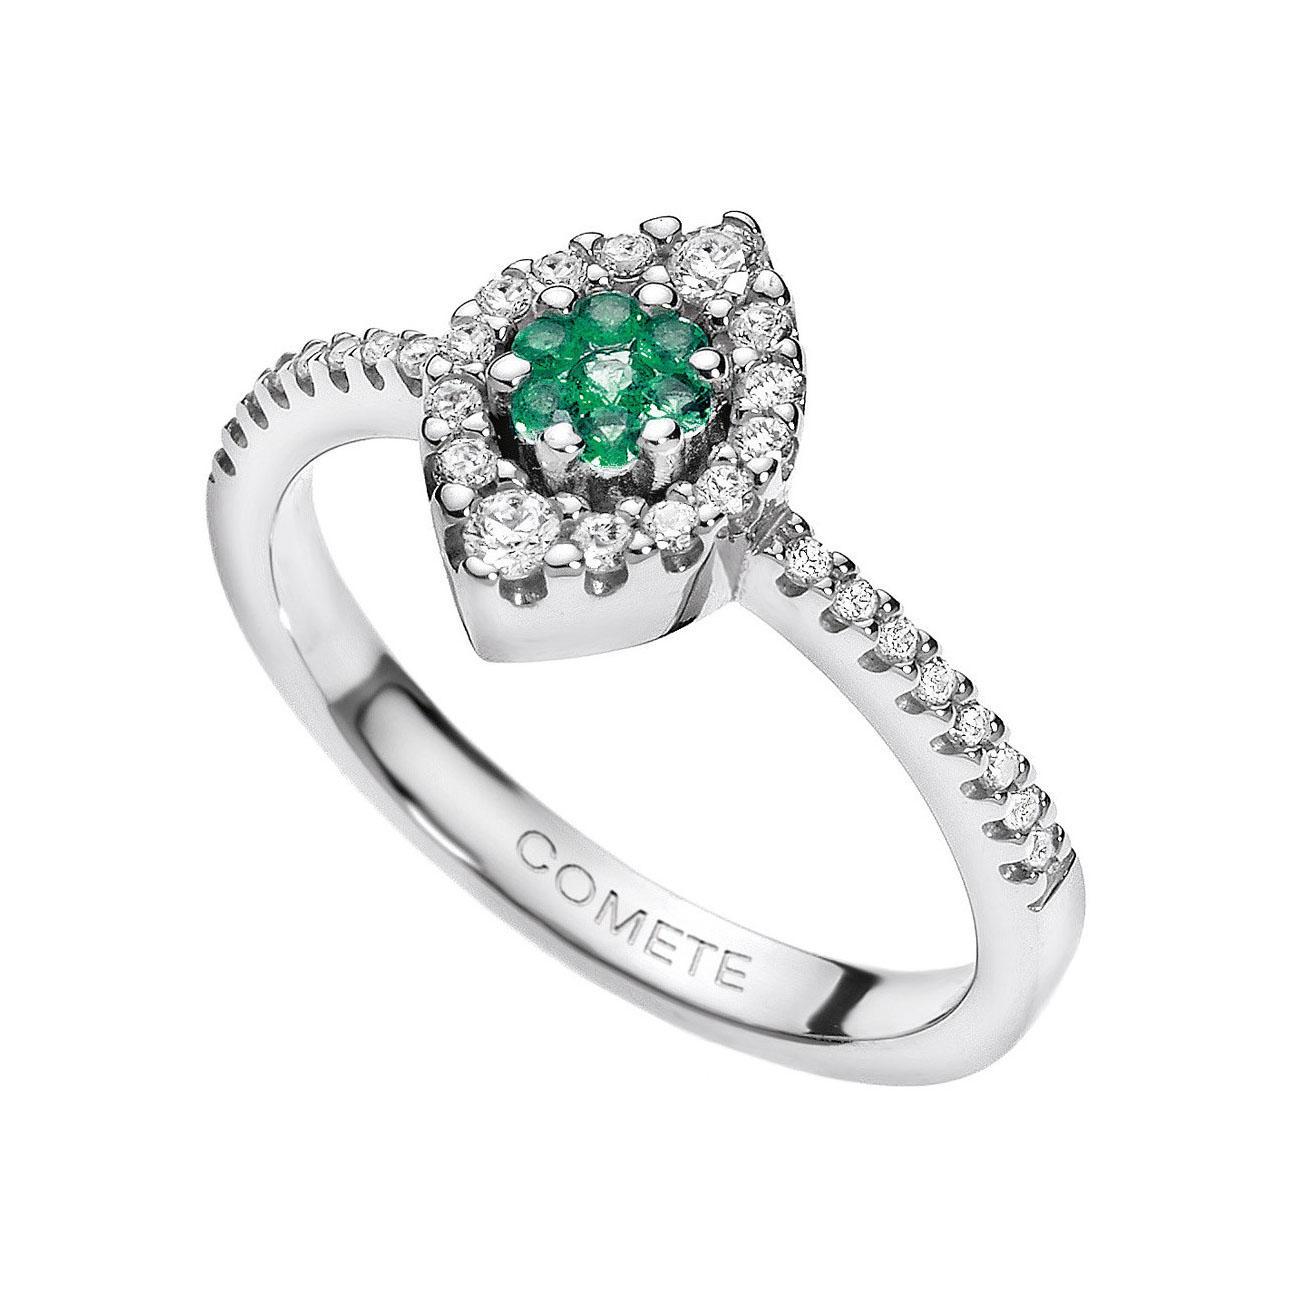 anello comete gioielli diamanti smeraldi verdi pietre oro bianco